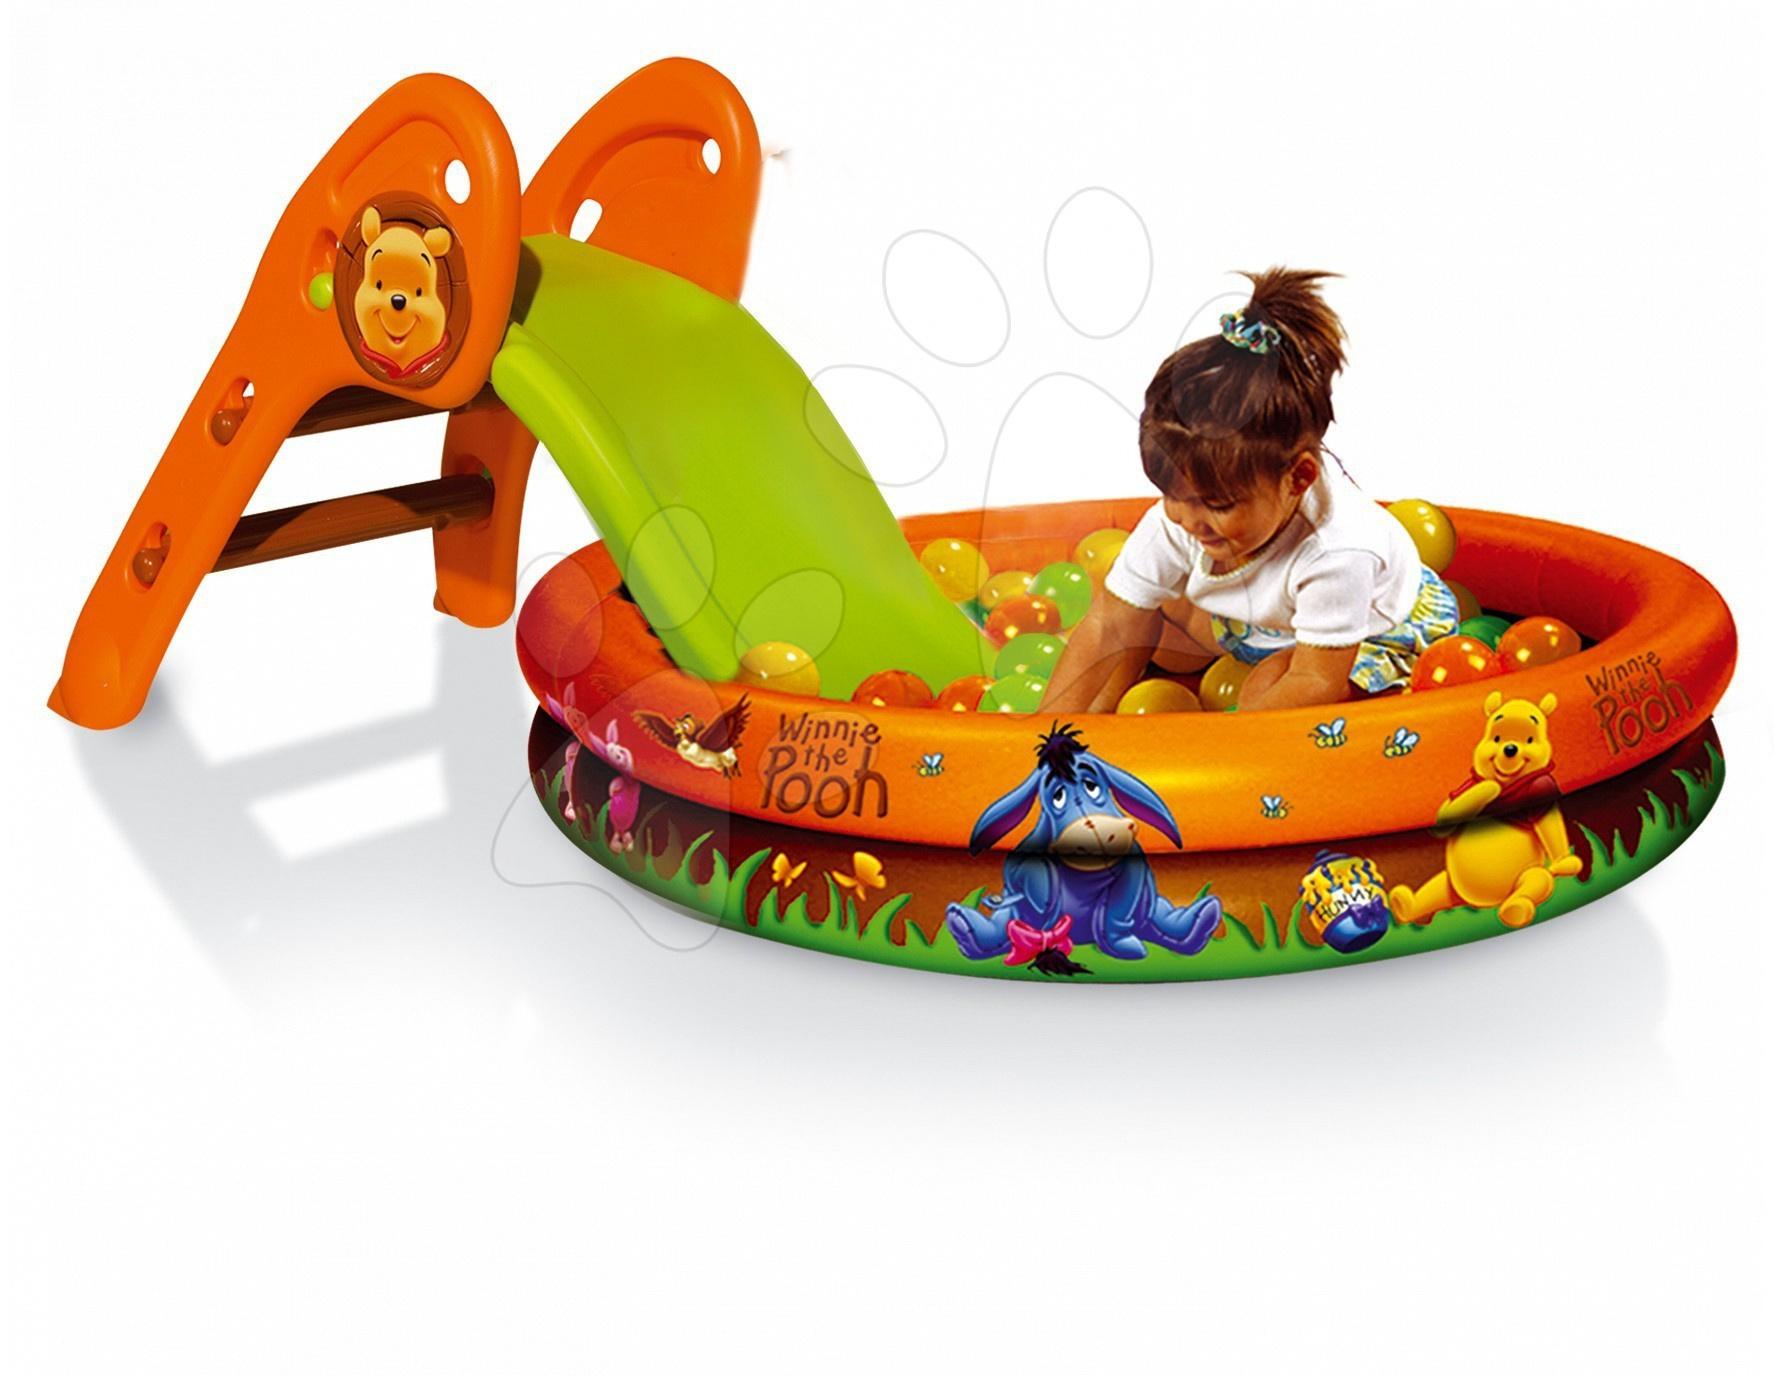 Skluzavky pro děti - Skluzavka Medvídek Pú Smoby délka 90 cm s bazénem a míčky od 24 měsíců